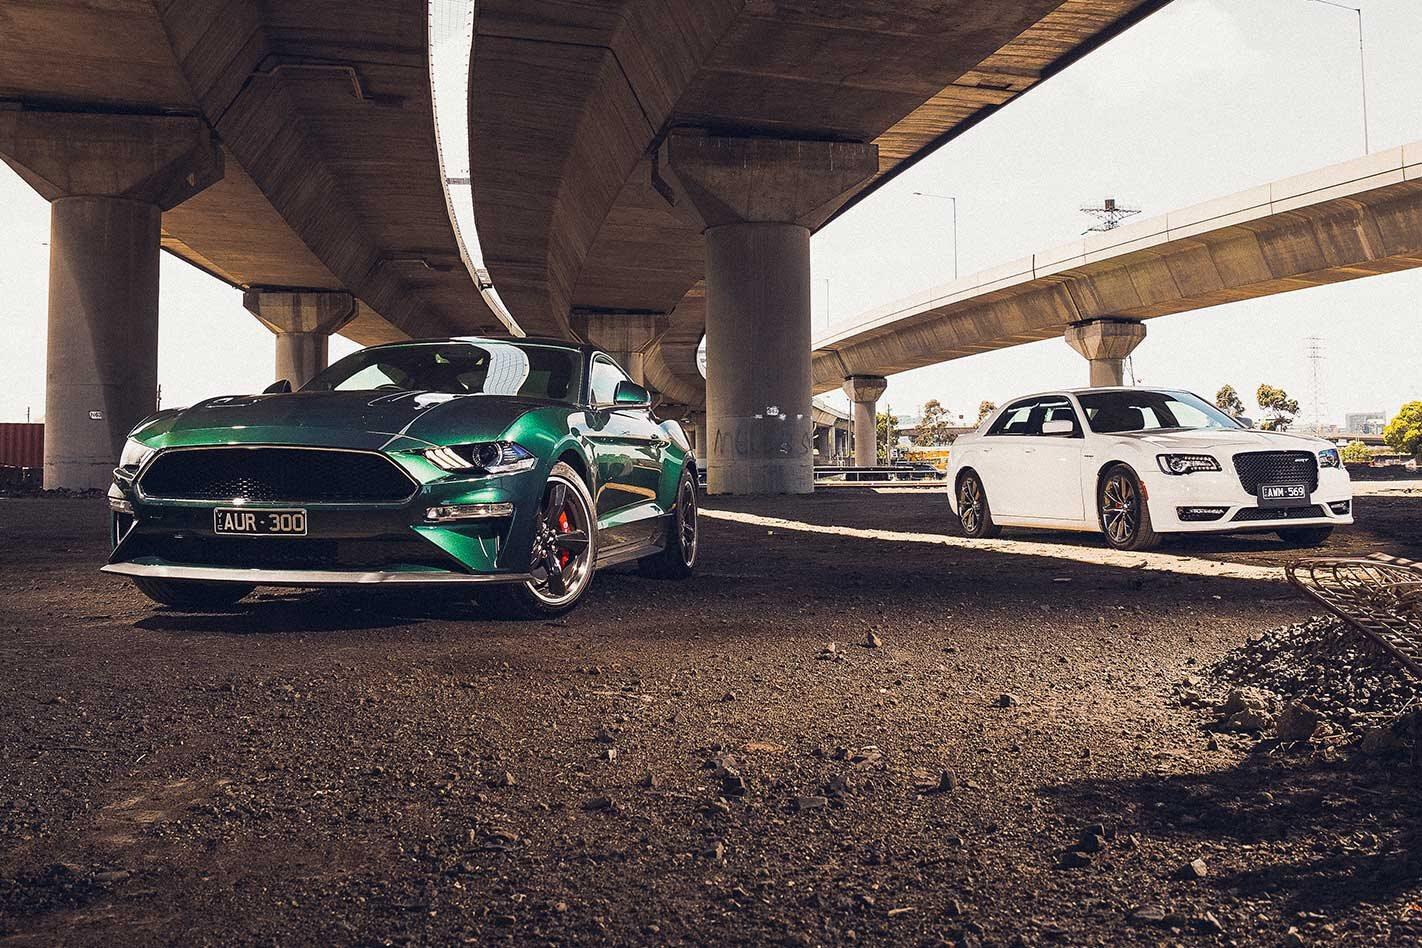 2019 Ford Mustang Bullitt vs Chrysler 300 SRT Gallery